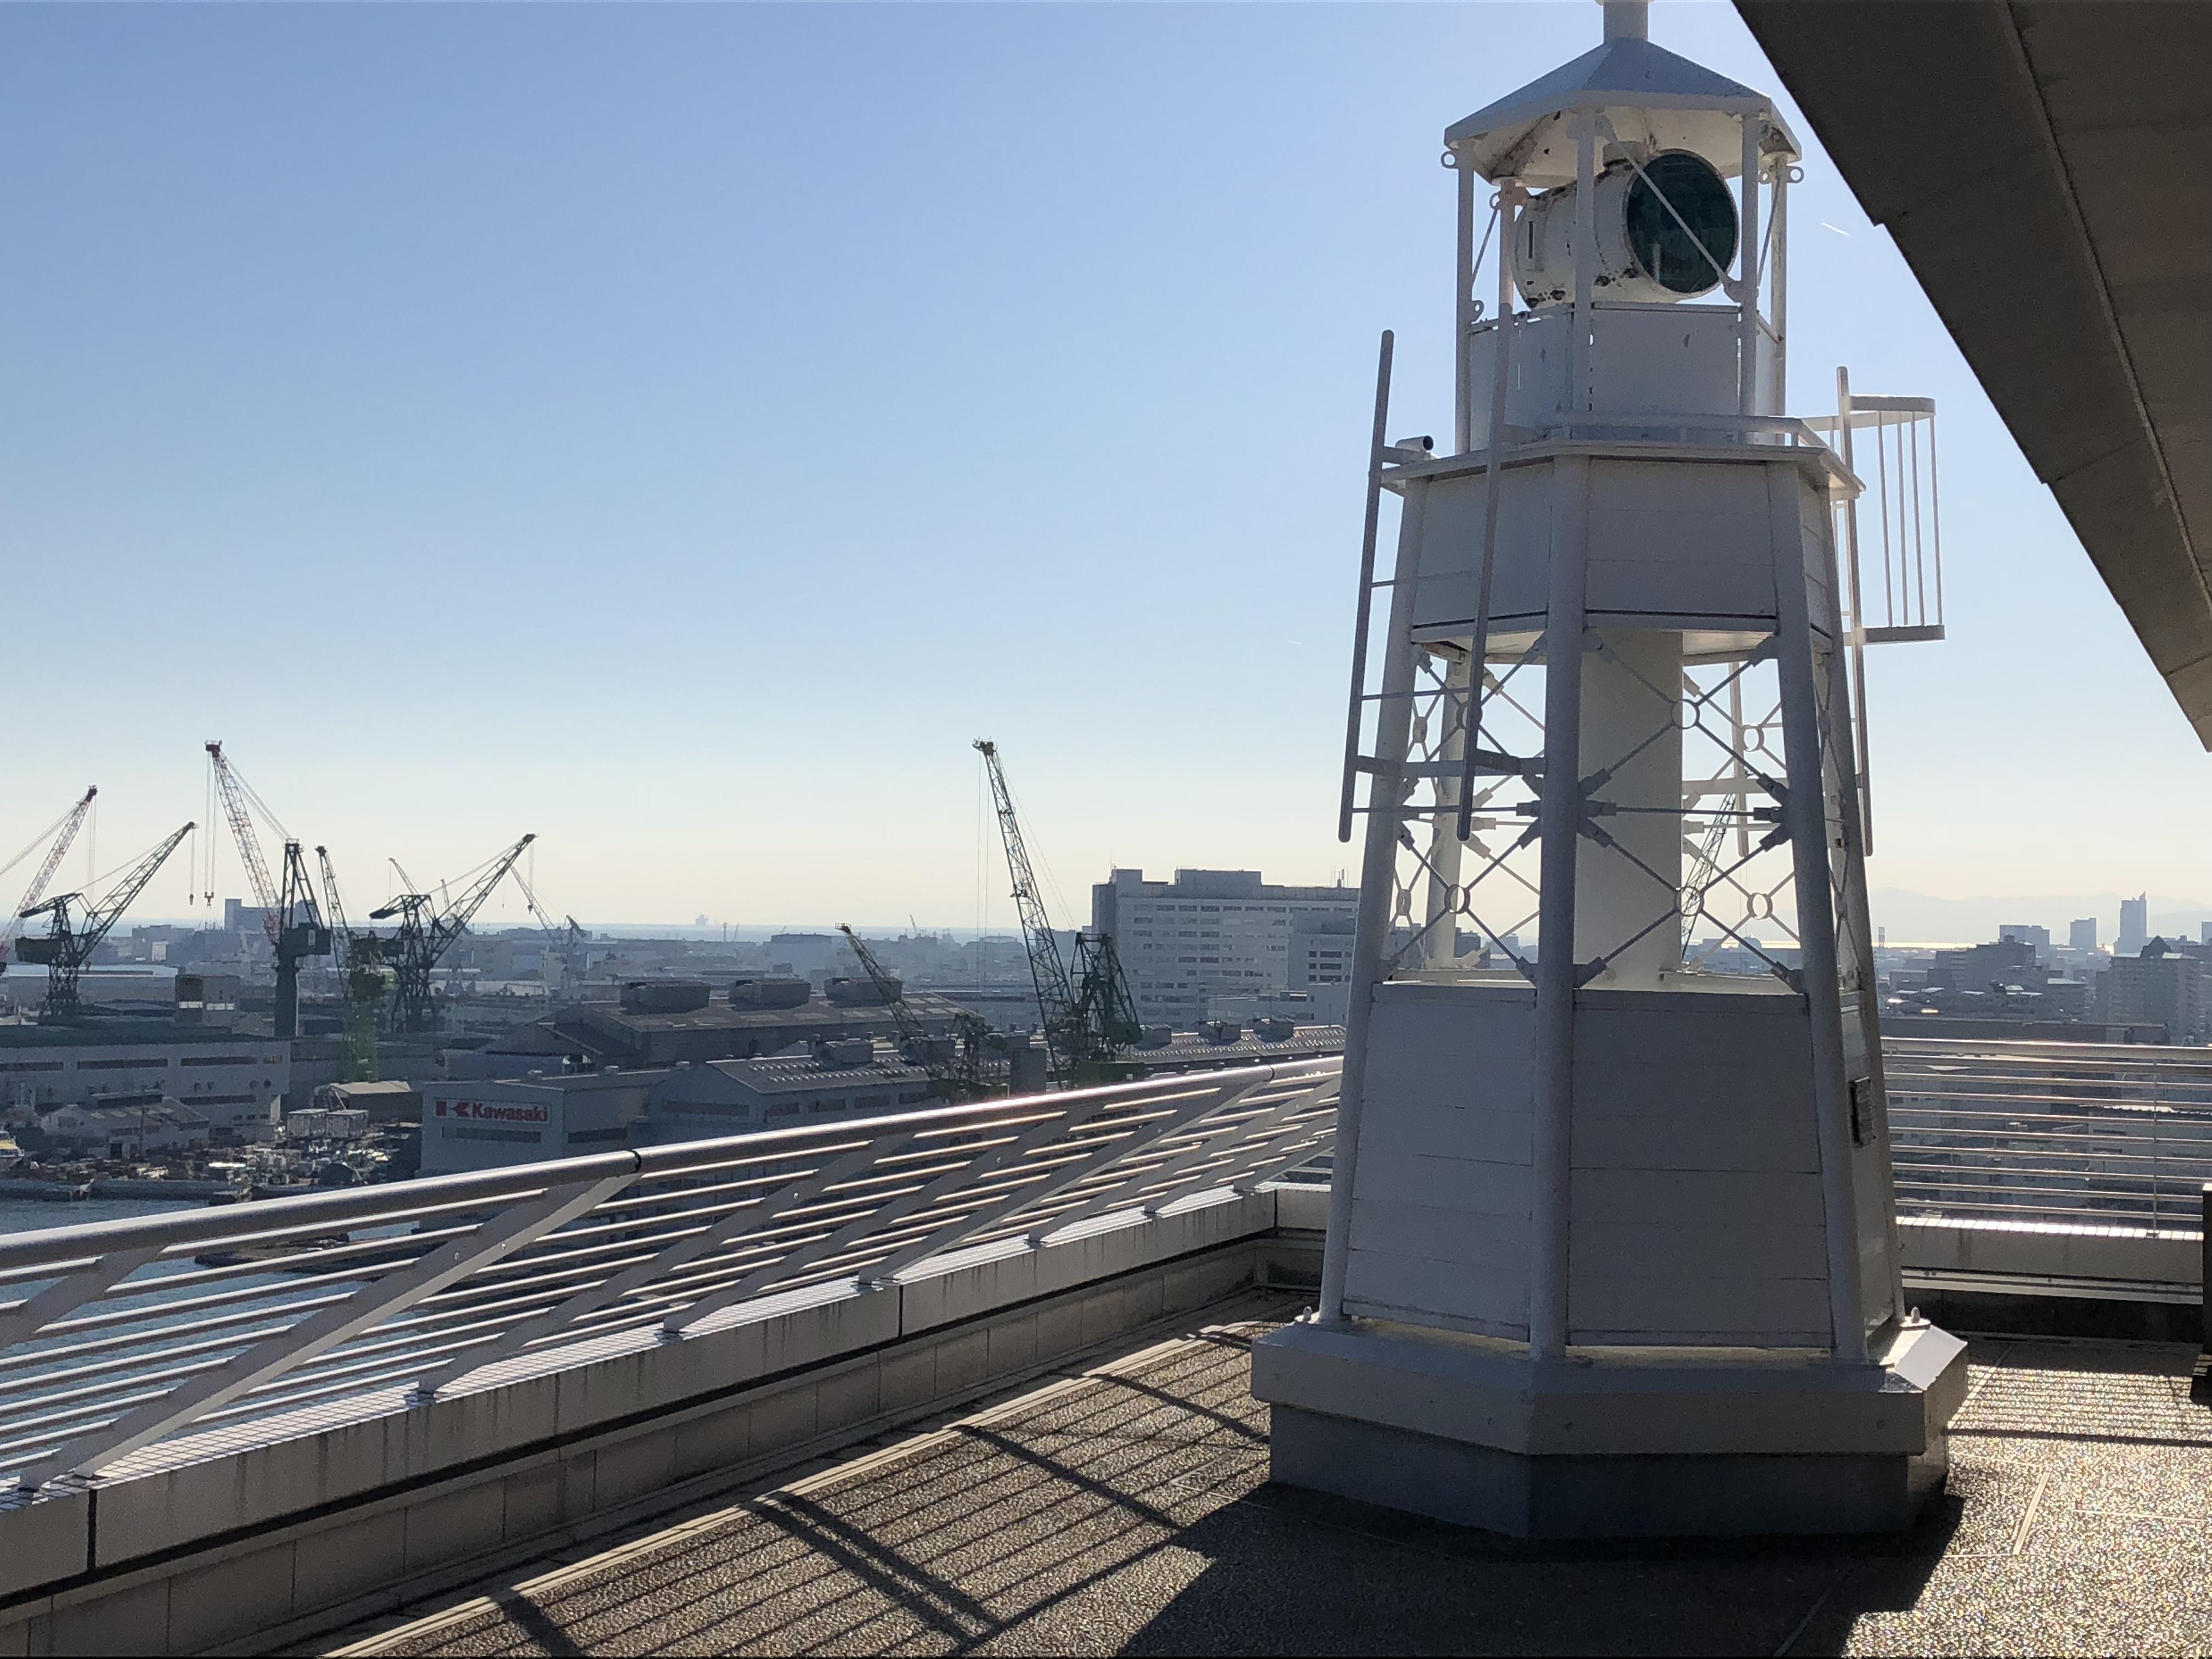 神戸メリケンパークオリエンタルホテル14階にある「日本で唯一ホテルにある公式灯台」の一般公開に参加してみた! #神戸メリケンパークオリエンタルホテル #灯台記念日